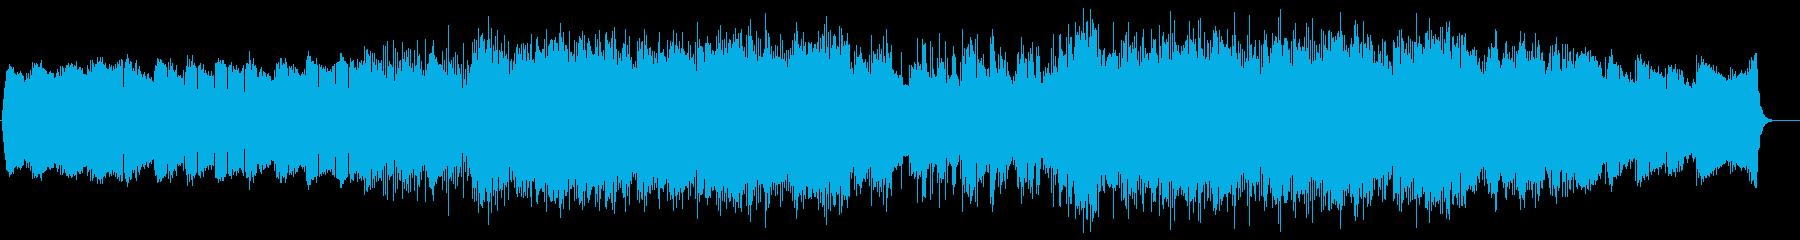 幻想的で美しいチルアウト Vo無の再生済みの波形